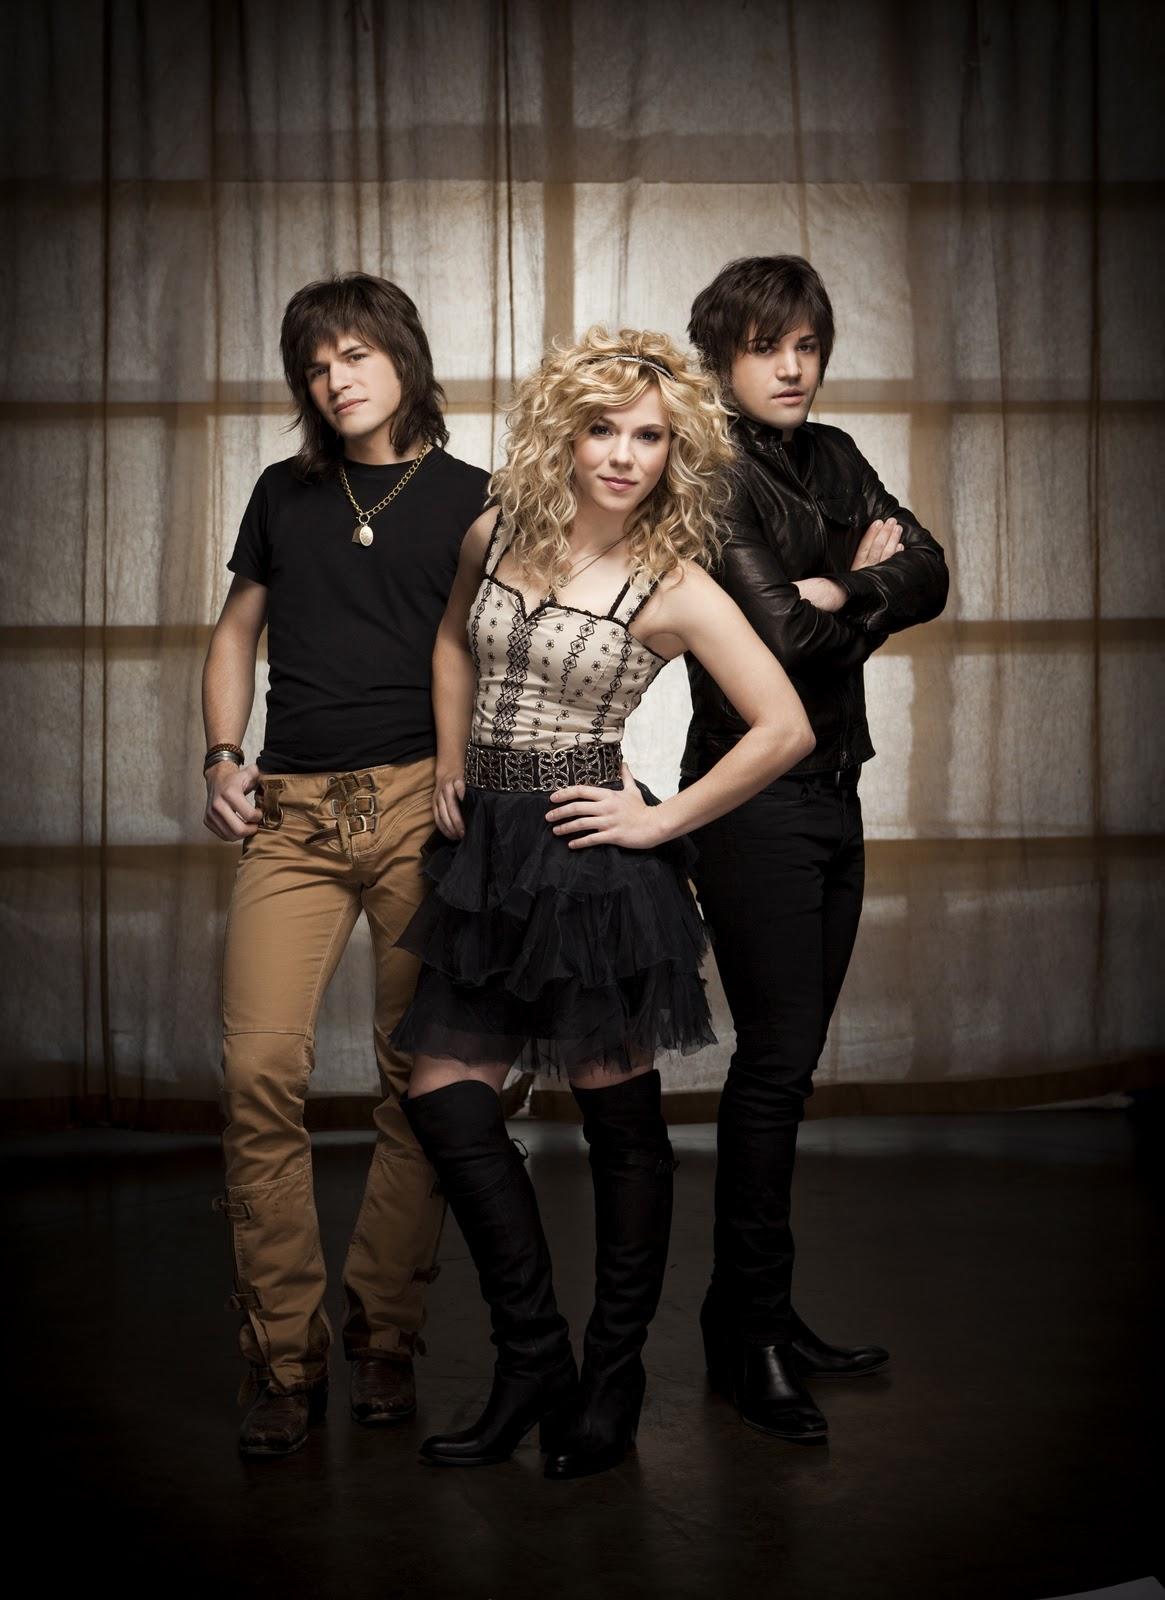 The-Band-Perry-at-cma-awards-2011